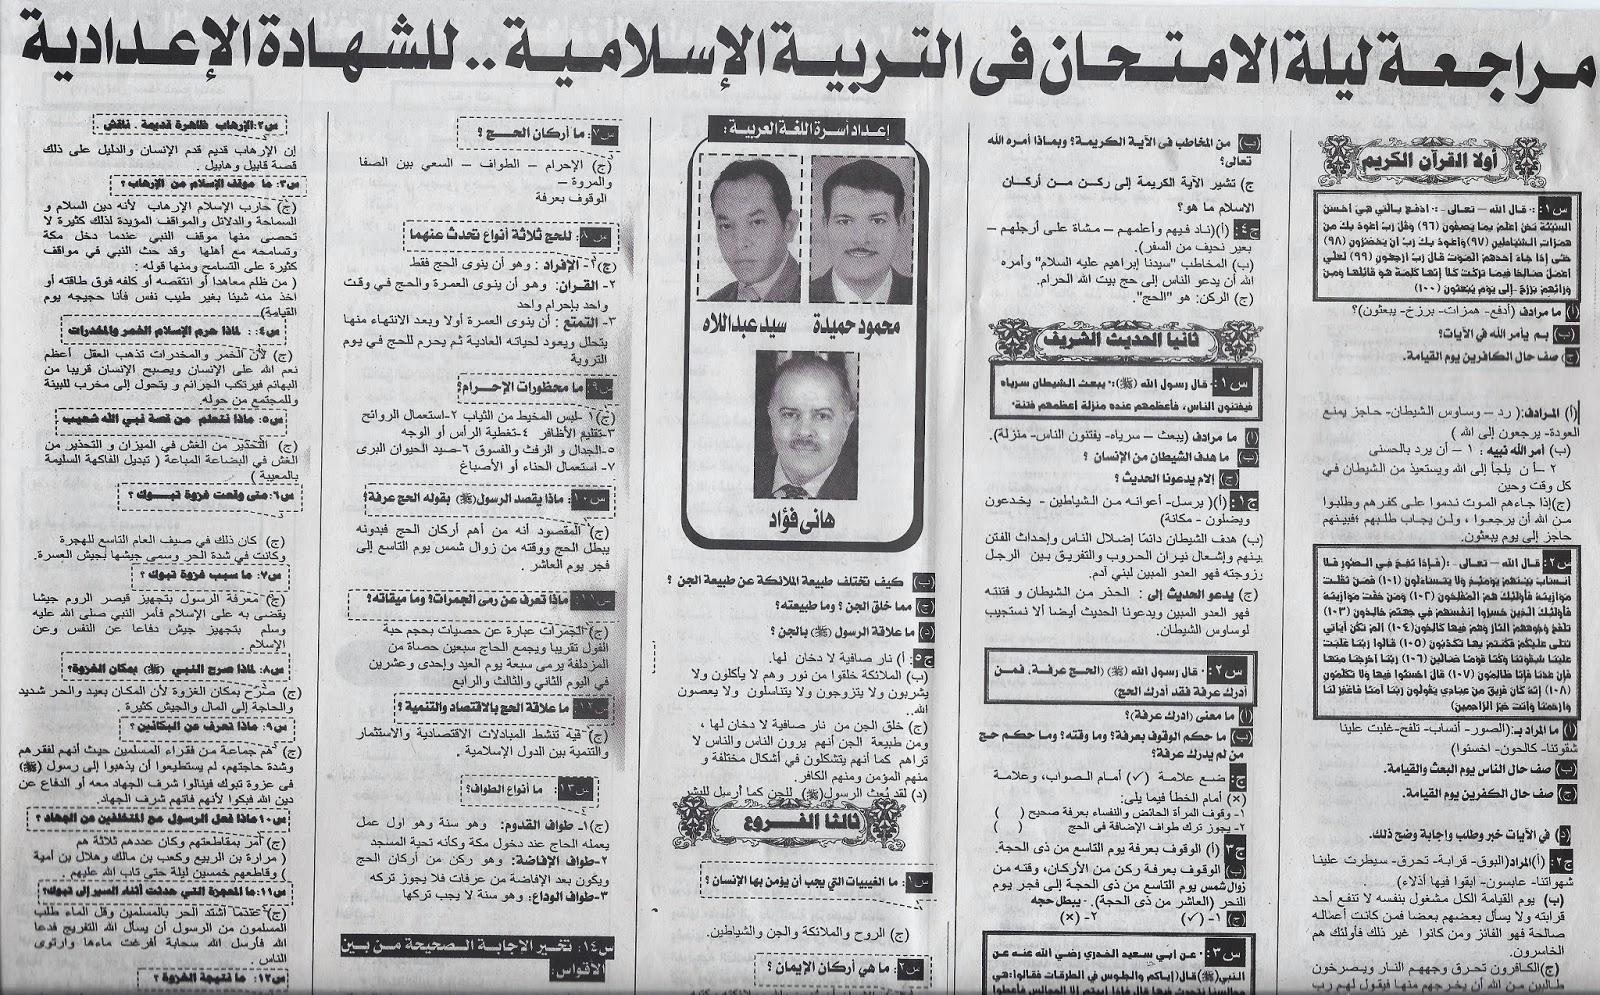 الاسئلة المتوقعة فى التربية الدينية للصف الثالث الاعدادى الترم الثانى المنهاج المصري scan0009.jpg